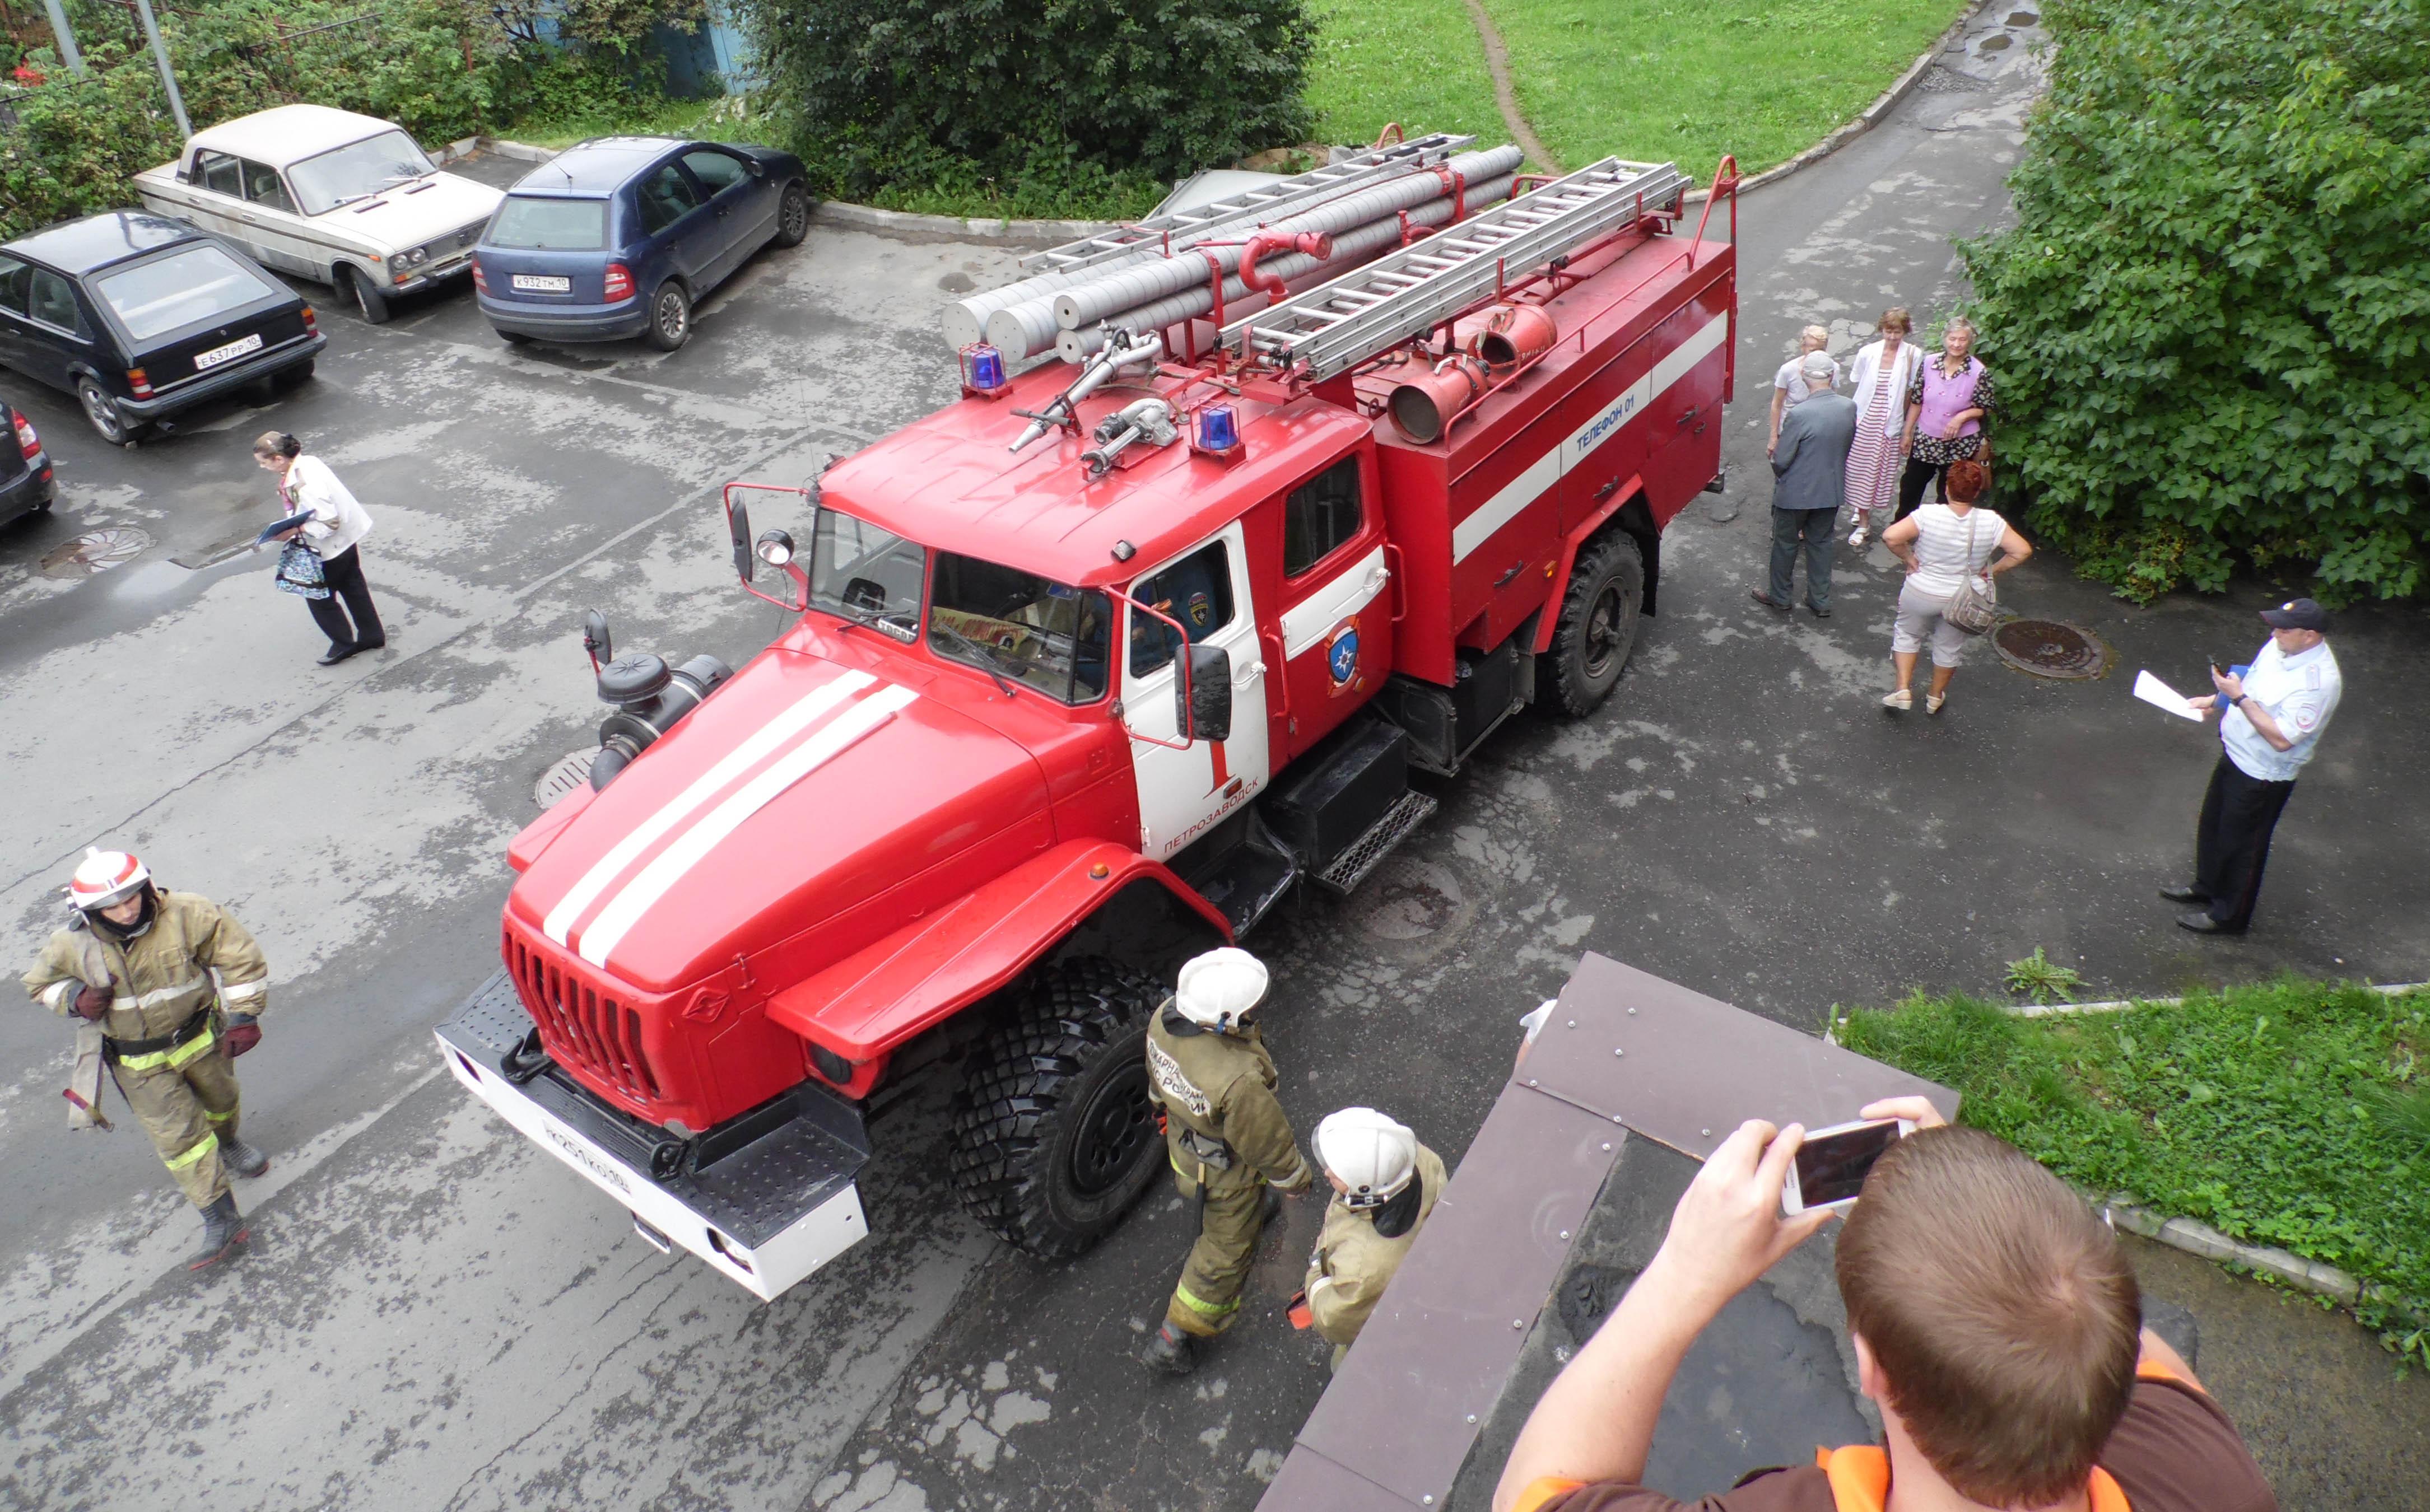 На место событий вызван пожарный расчет. Фото: Алексей Владимиров